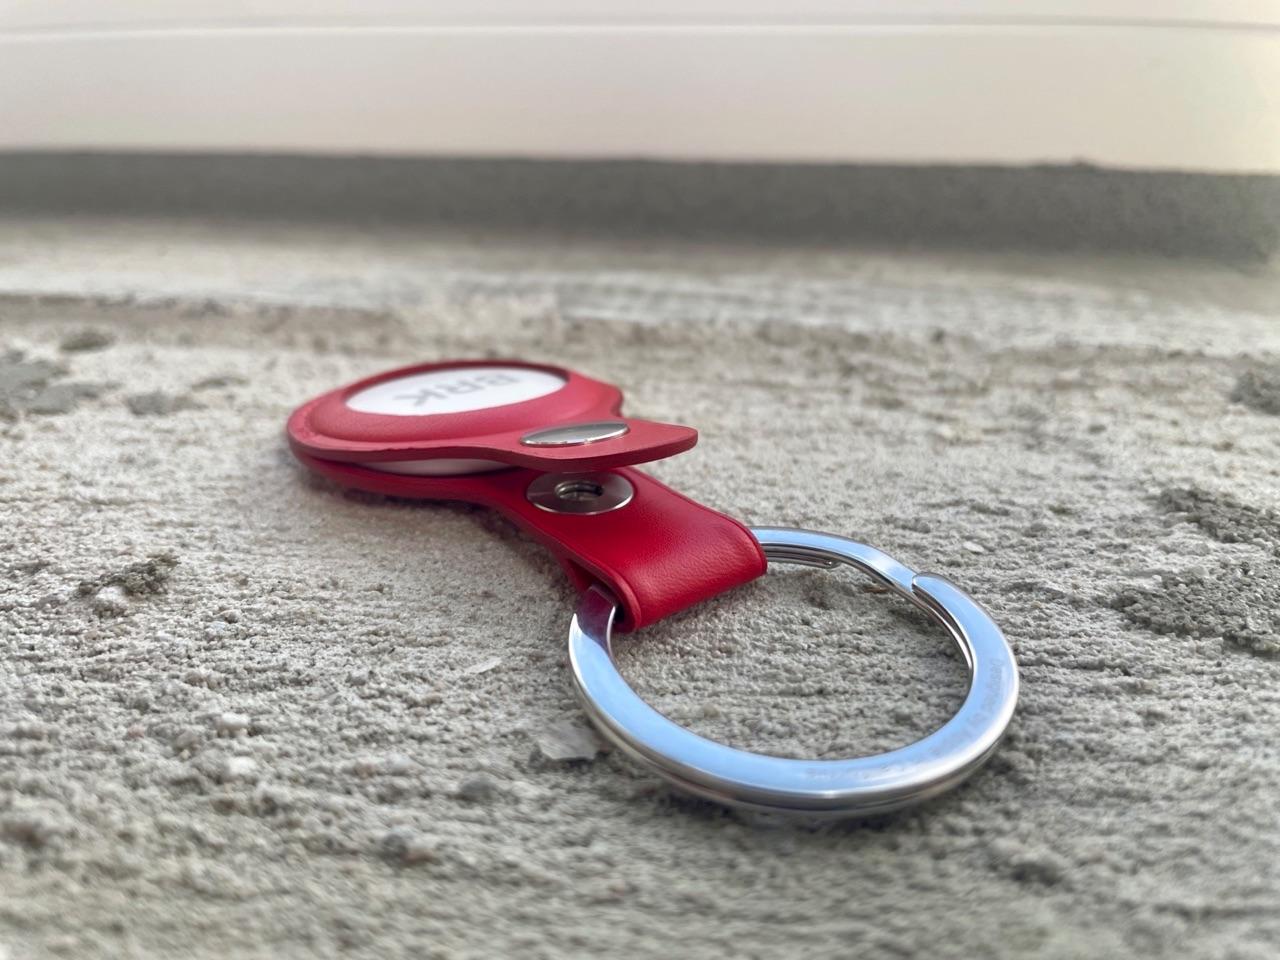 Rode AirTag sleutelhanger van leer.